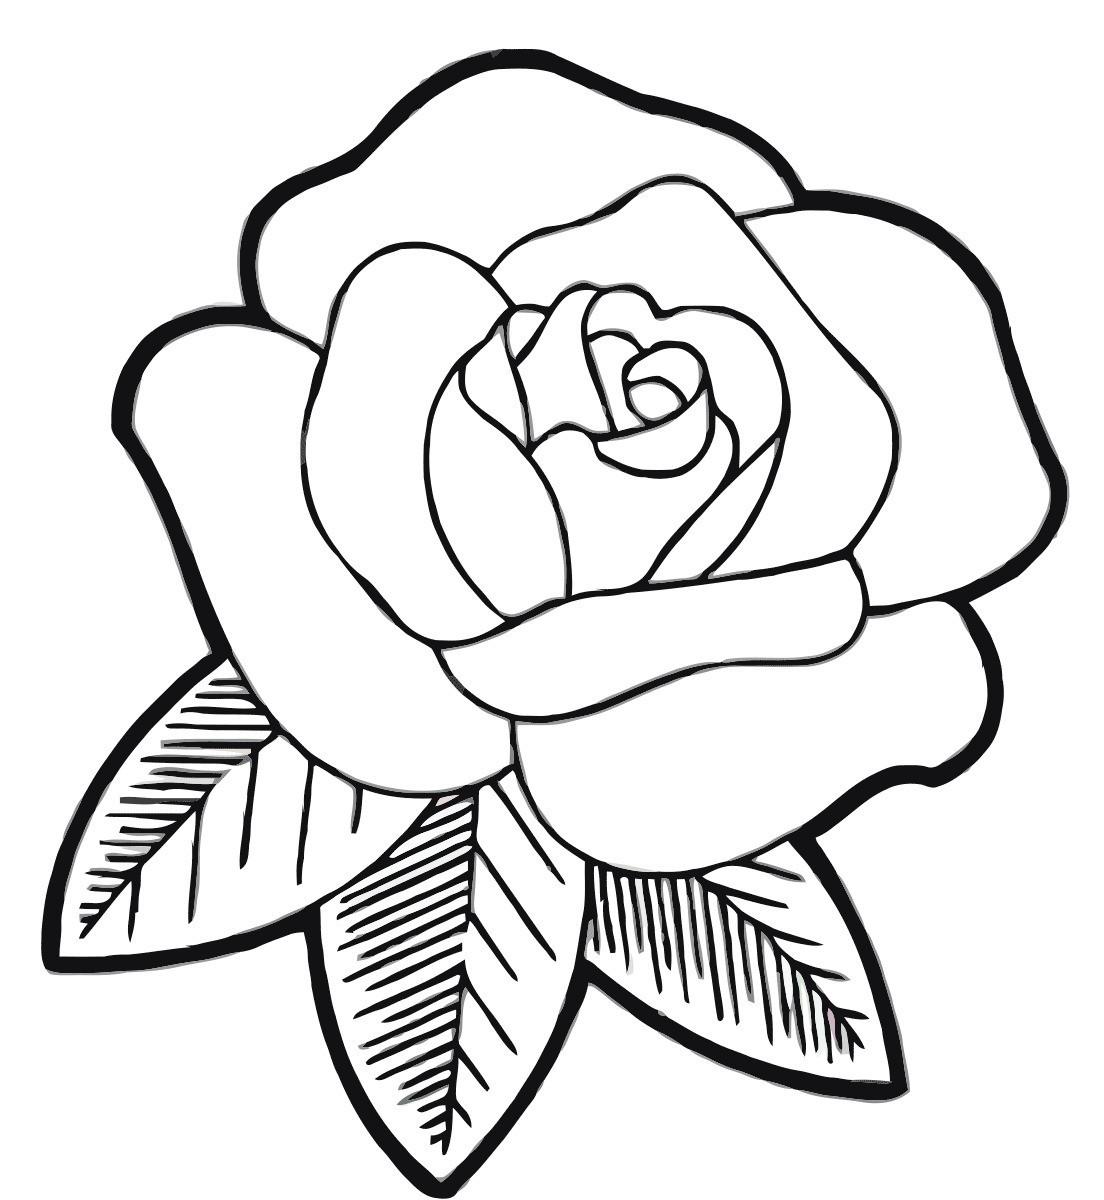 Ausmalbilder Rosen Mit Herz Neu 90 Inspirierend Ausmalbilder Rosen Mit Herz Bilder Sammlung